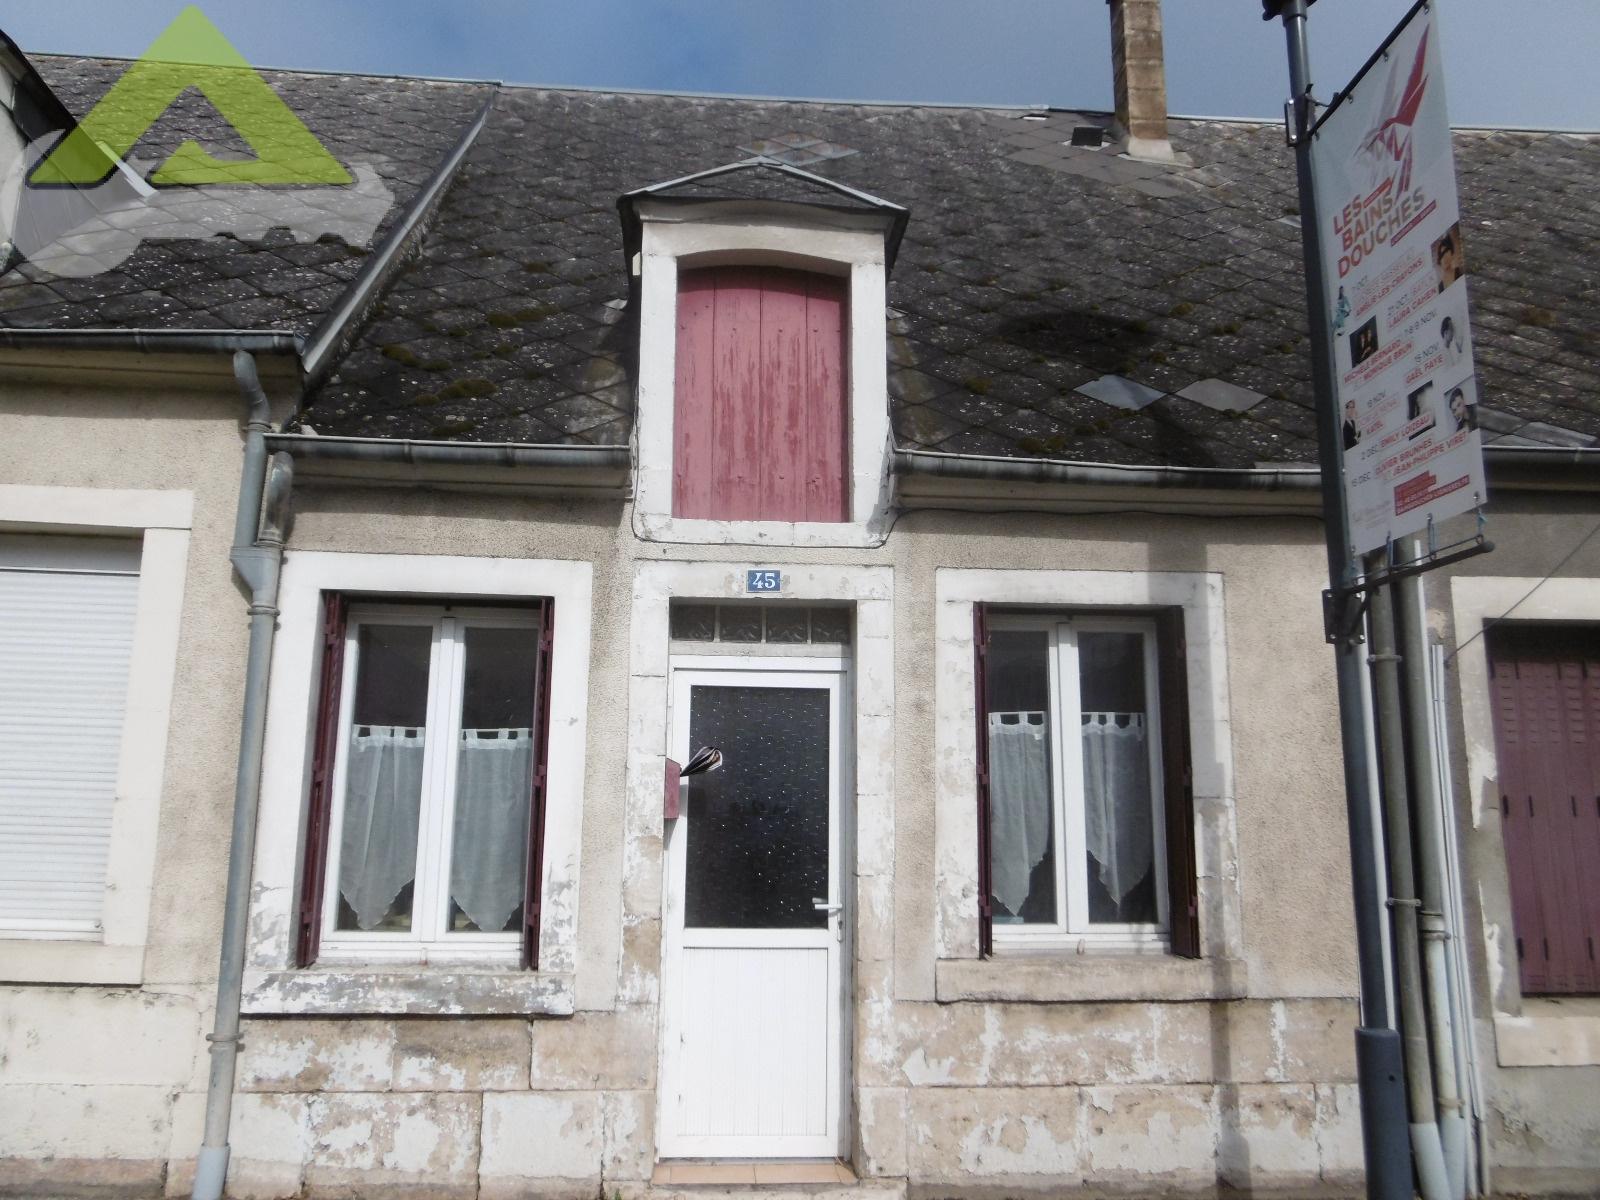 vente Maison 3 pièces (42 m²) 34 000 € Lignieres (18) a396faaee4d0